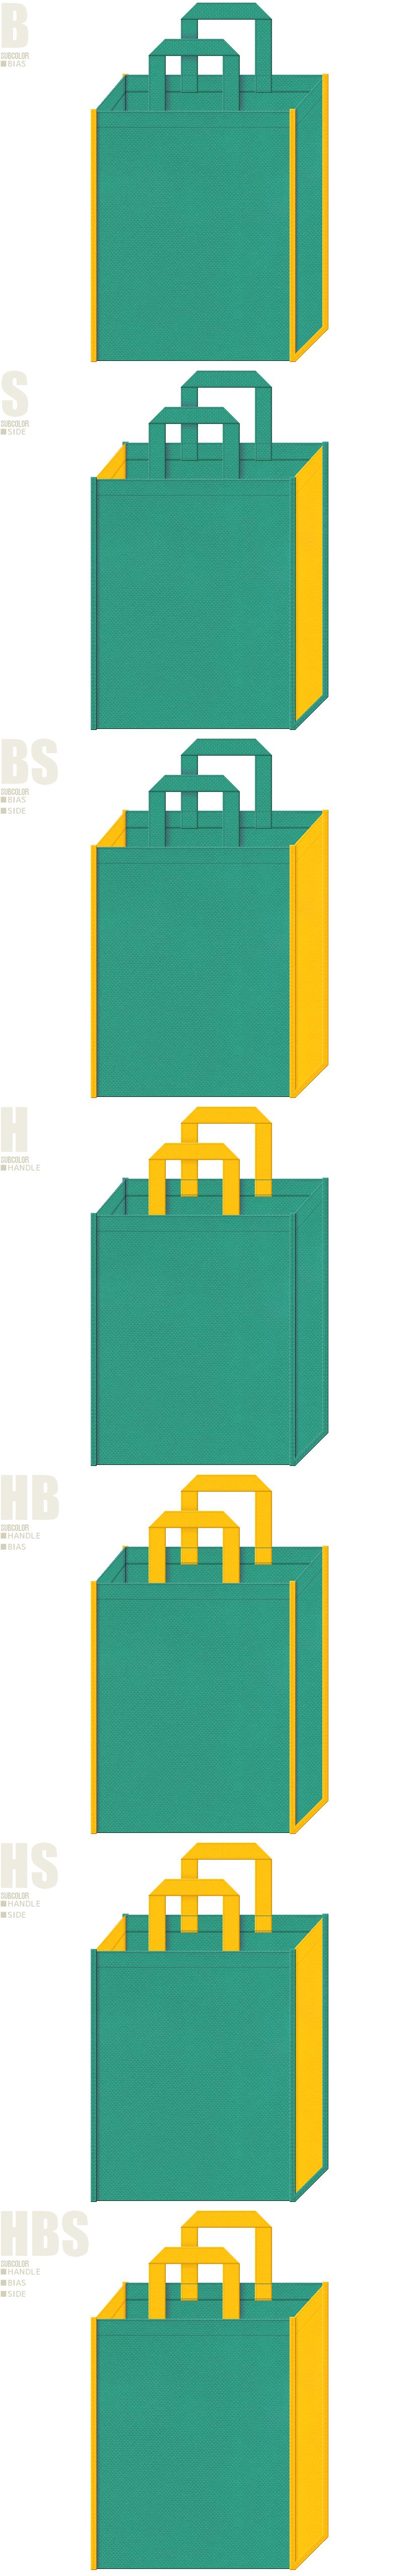 ゲーム・テーマパーク・キッズ・おもちゃ・絵本・おとぎ話のイメージにお奨めの不織布バッグデザイン:青緑色と黄色の不織布バッグ配色7パターン。